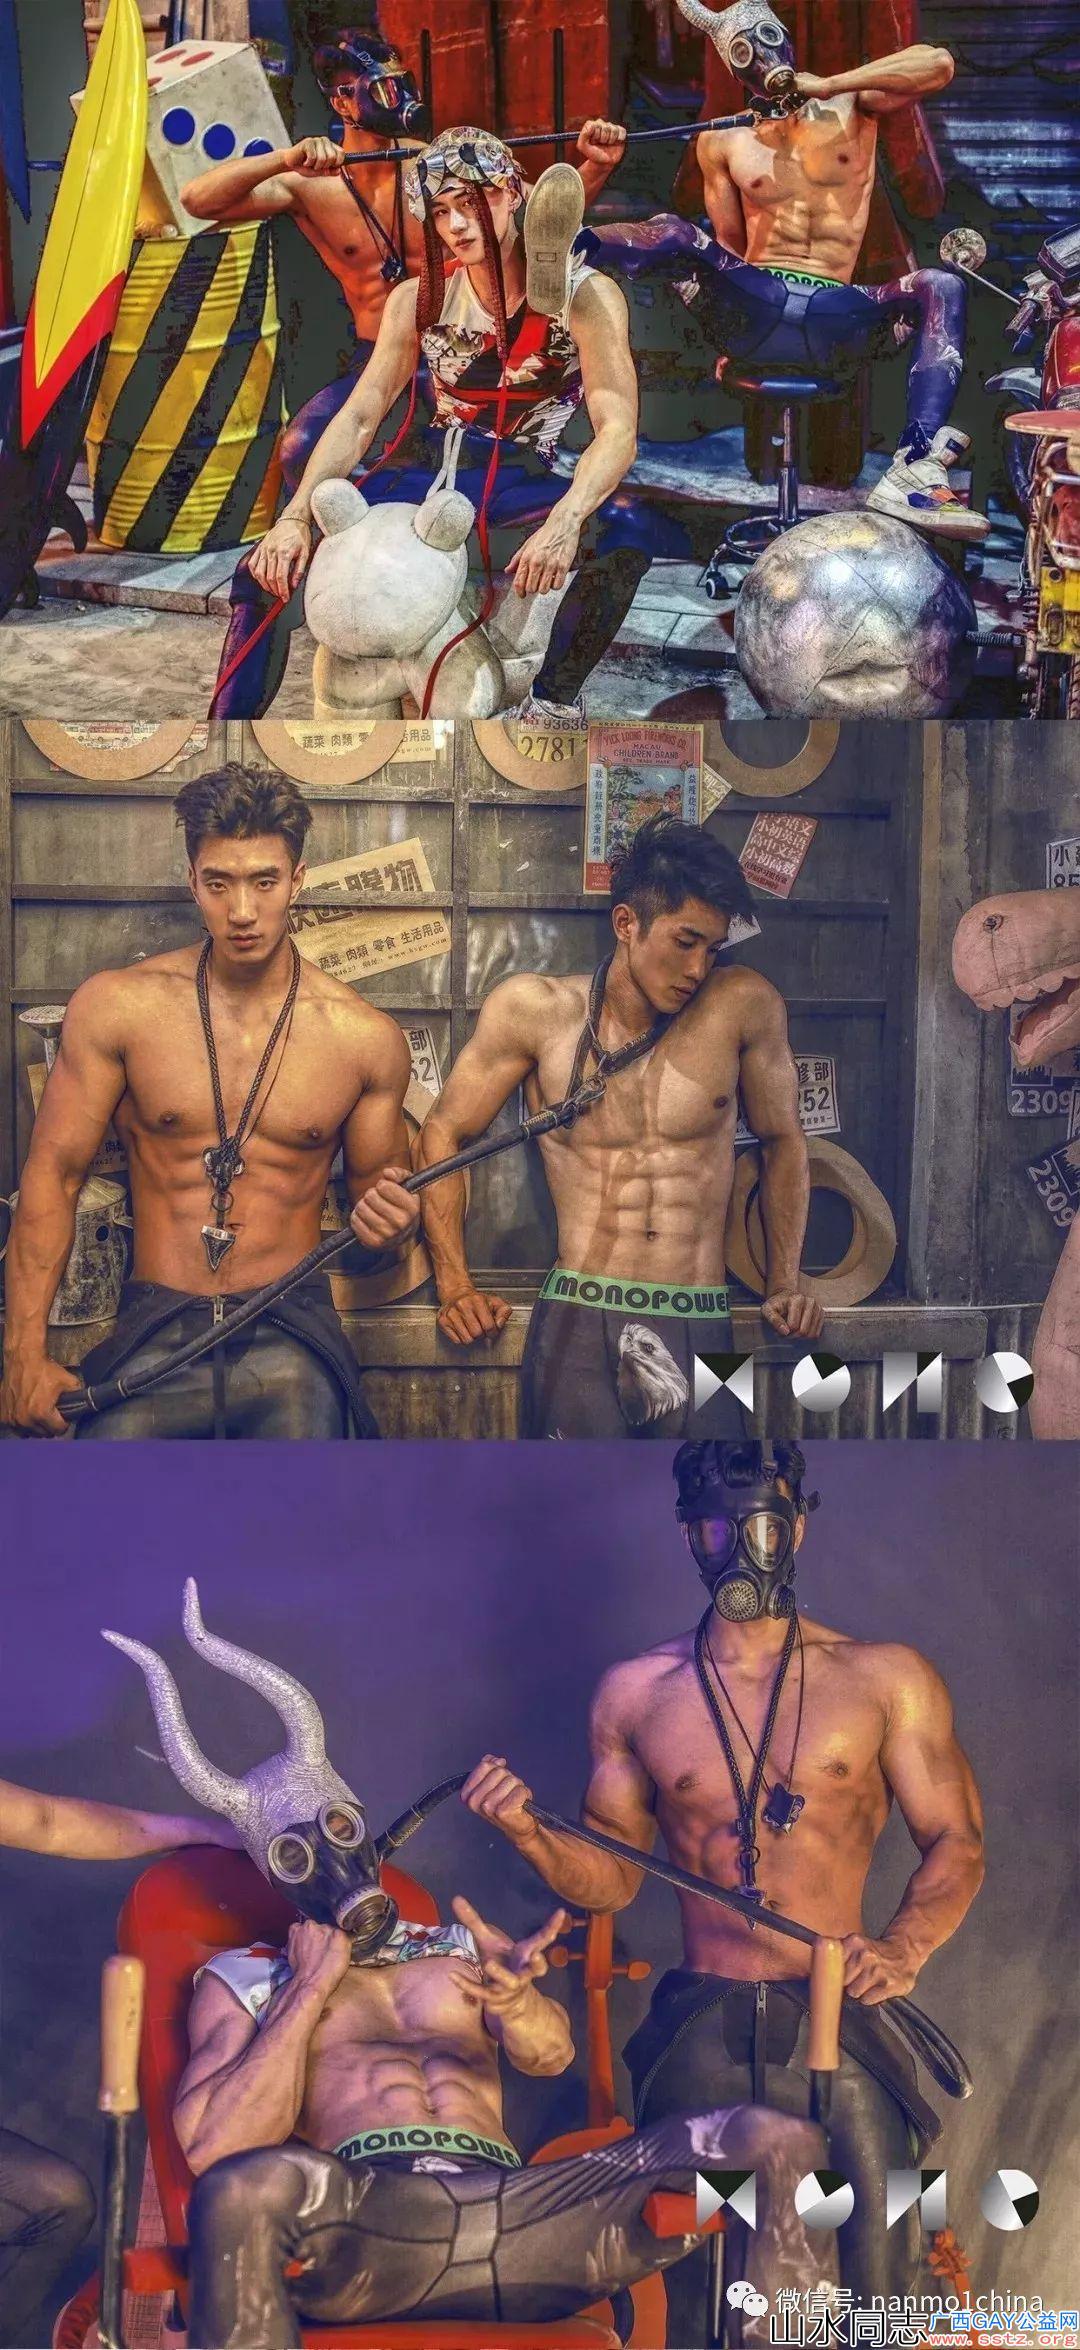 【帅图鉴赏】肌肉男模拍时尚大片*炫彩诱惑荷尔蒙十足